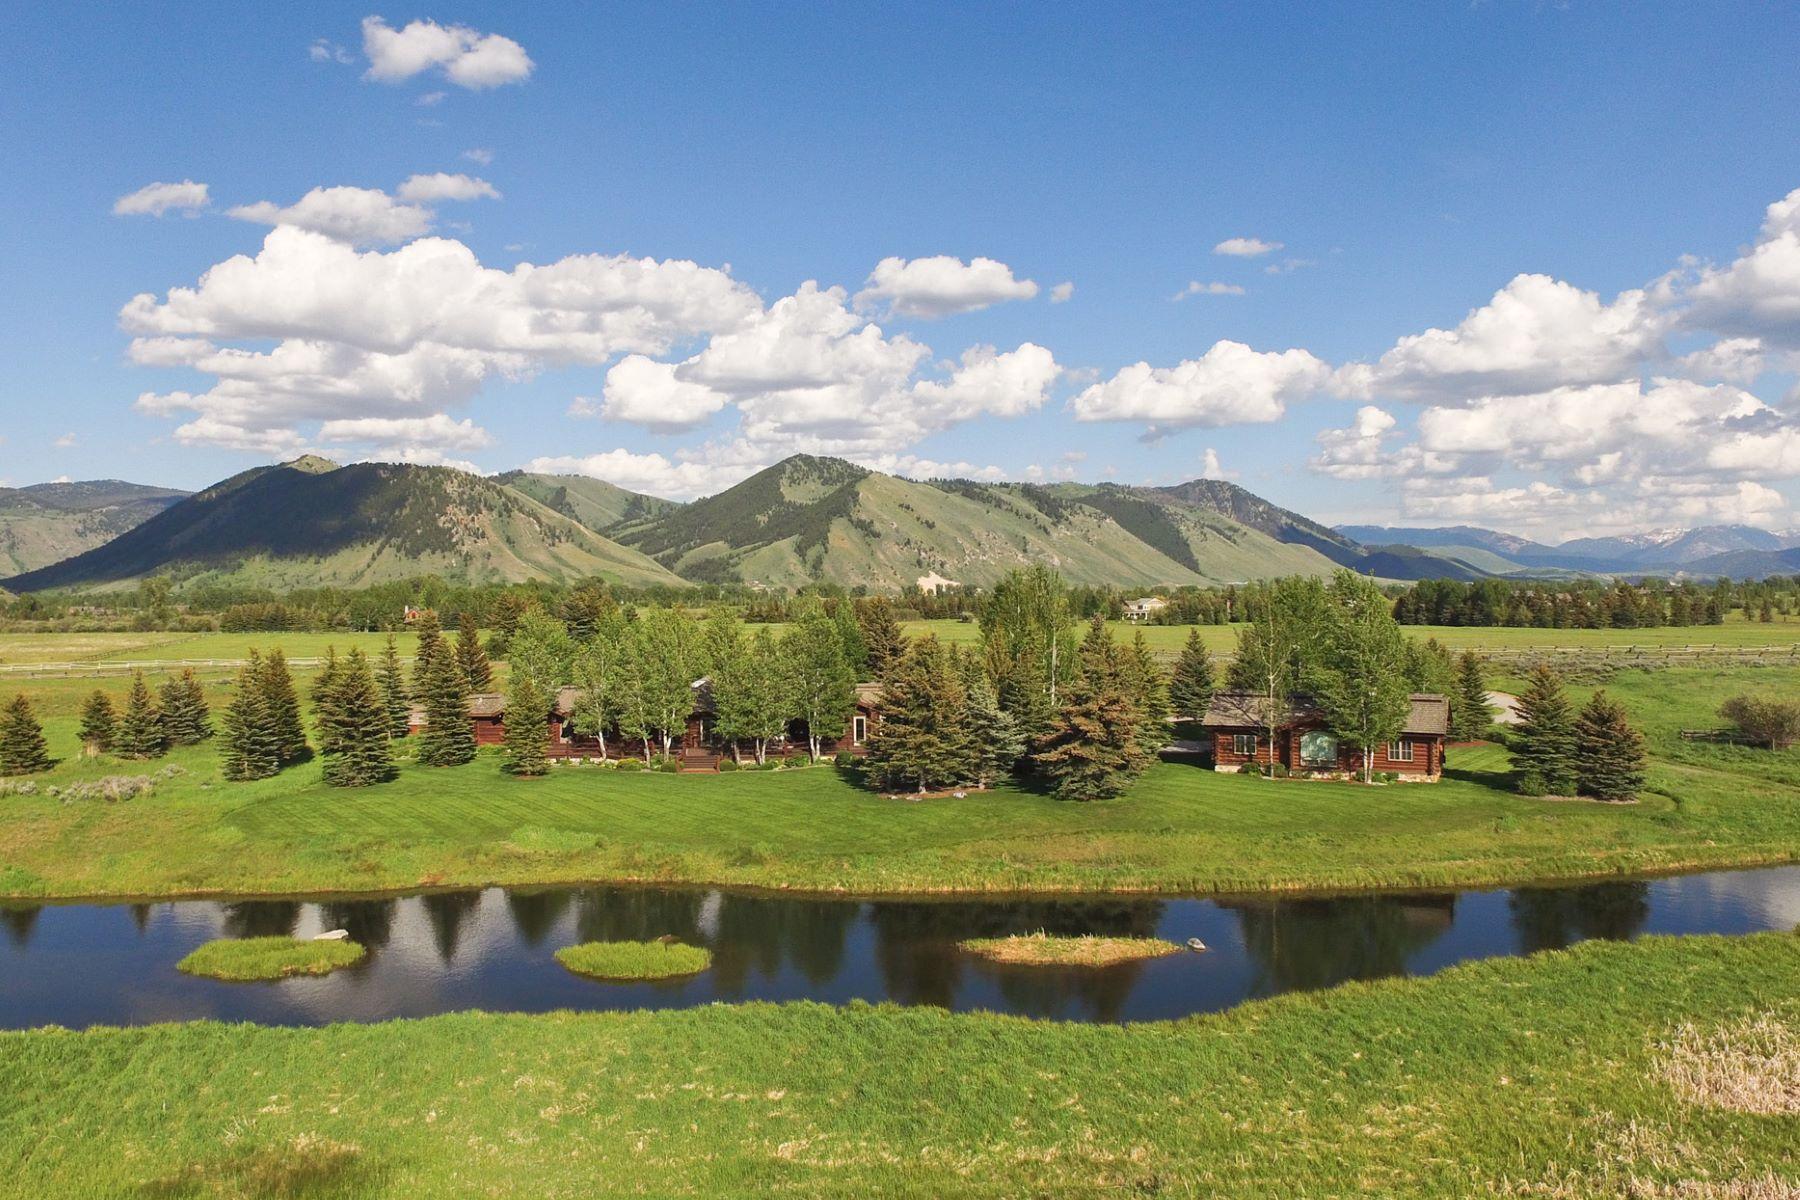 独户住宅 为 销售 在 Cody Creek Ranch 1475 S Creamery 杰克逊, 怀俄明州, 83001 Jackson Hole, 美国